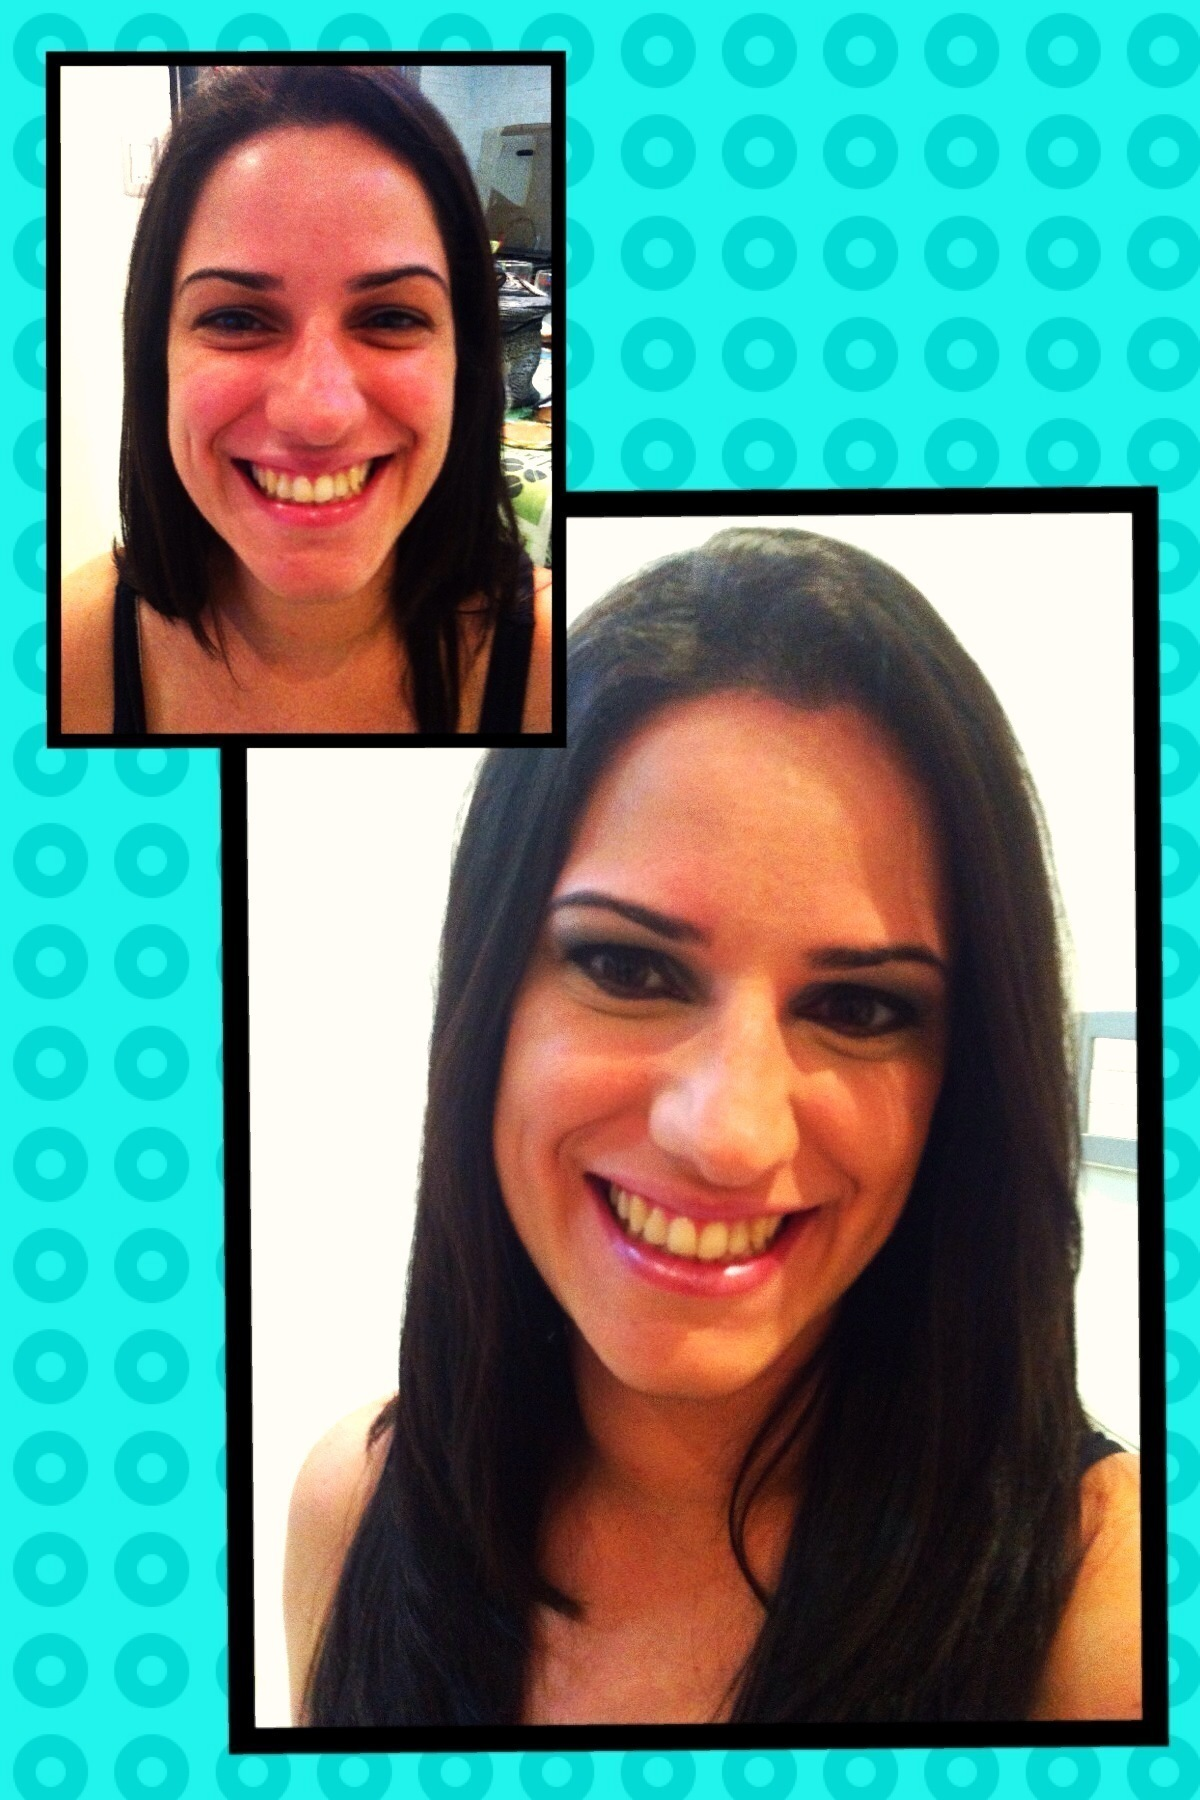 Maquiagem Antes de Depois cosmetólogo(a)